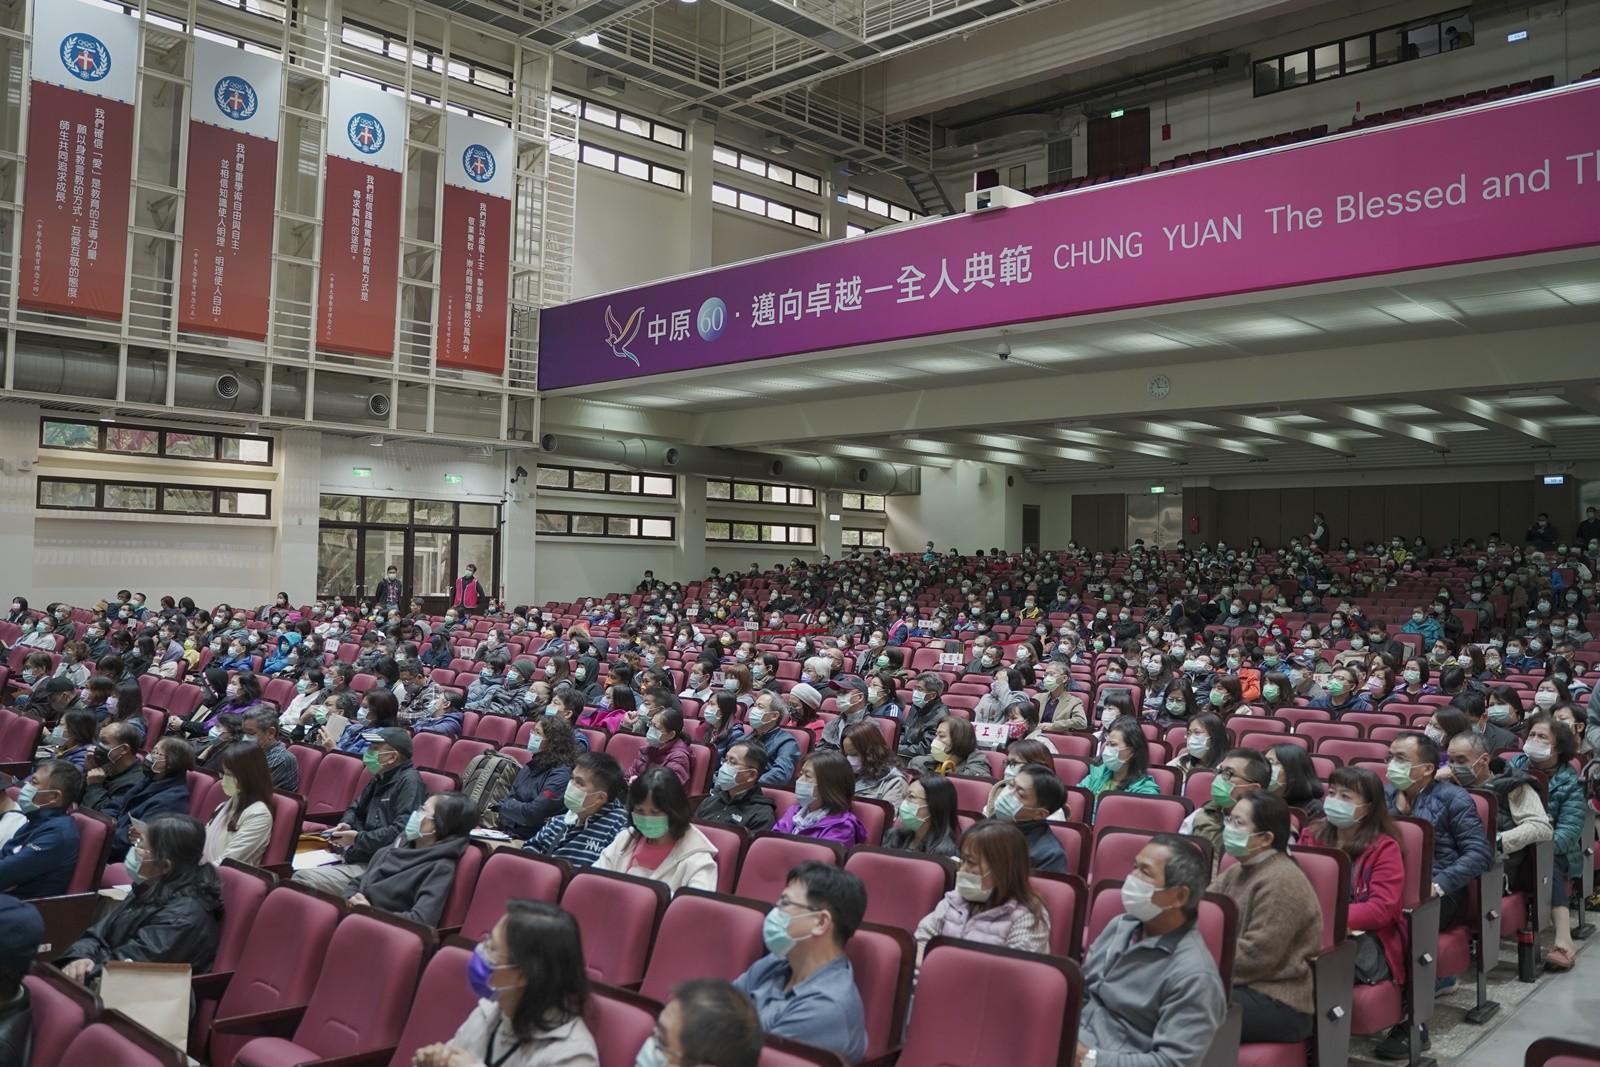 中原大學109學年度新生親師座談會,來自全台各地的新生家長熱情參與。.JPG